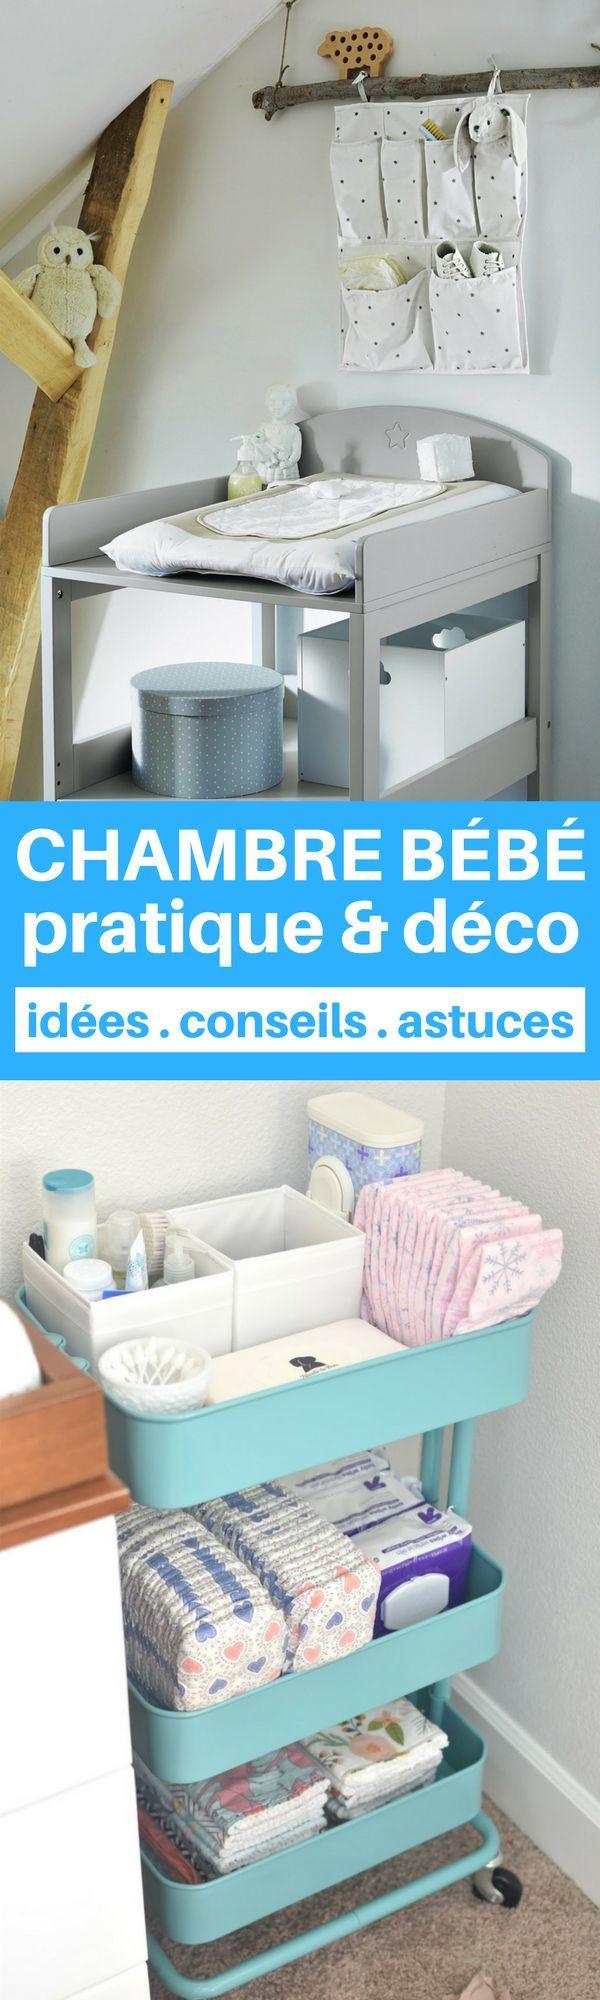 Relooking et d coration 2017 2018 une chambre b b for Deco maison pratique